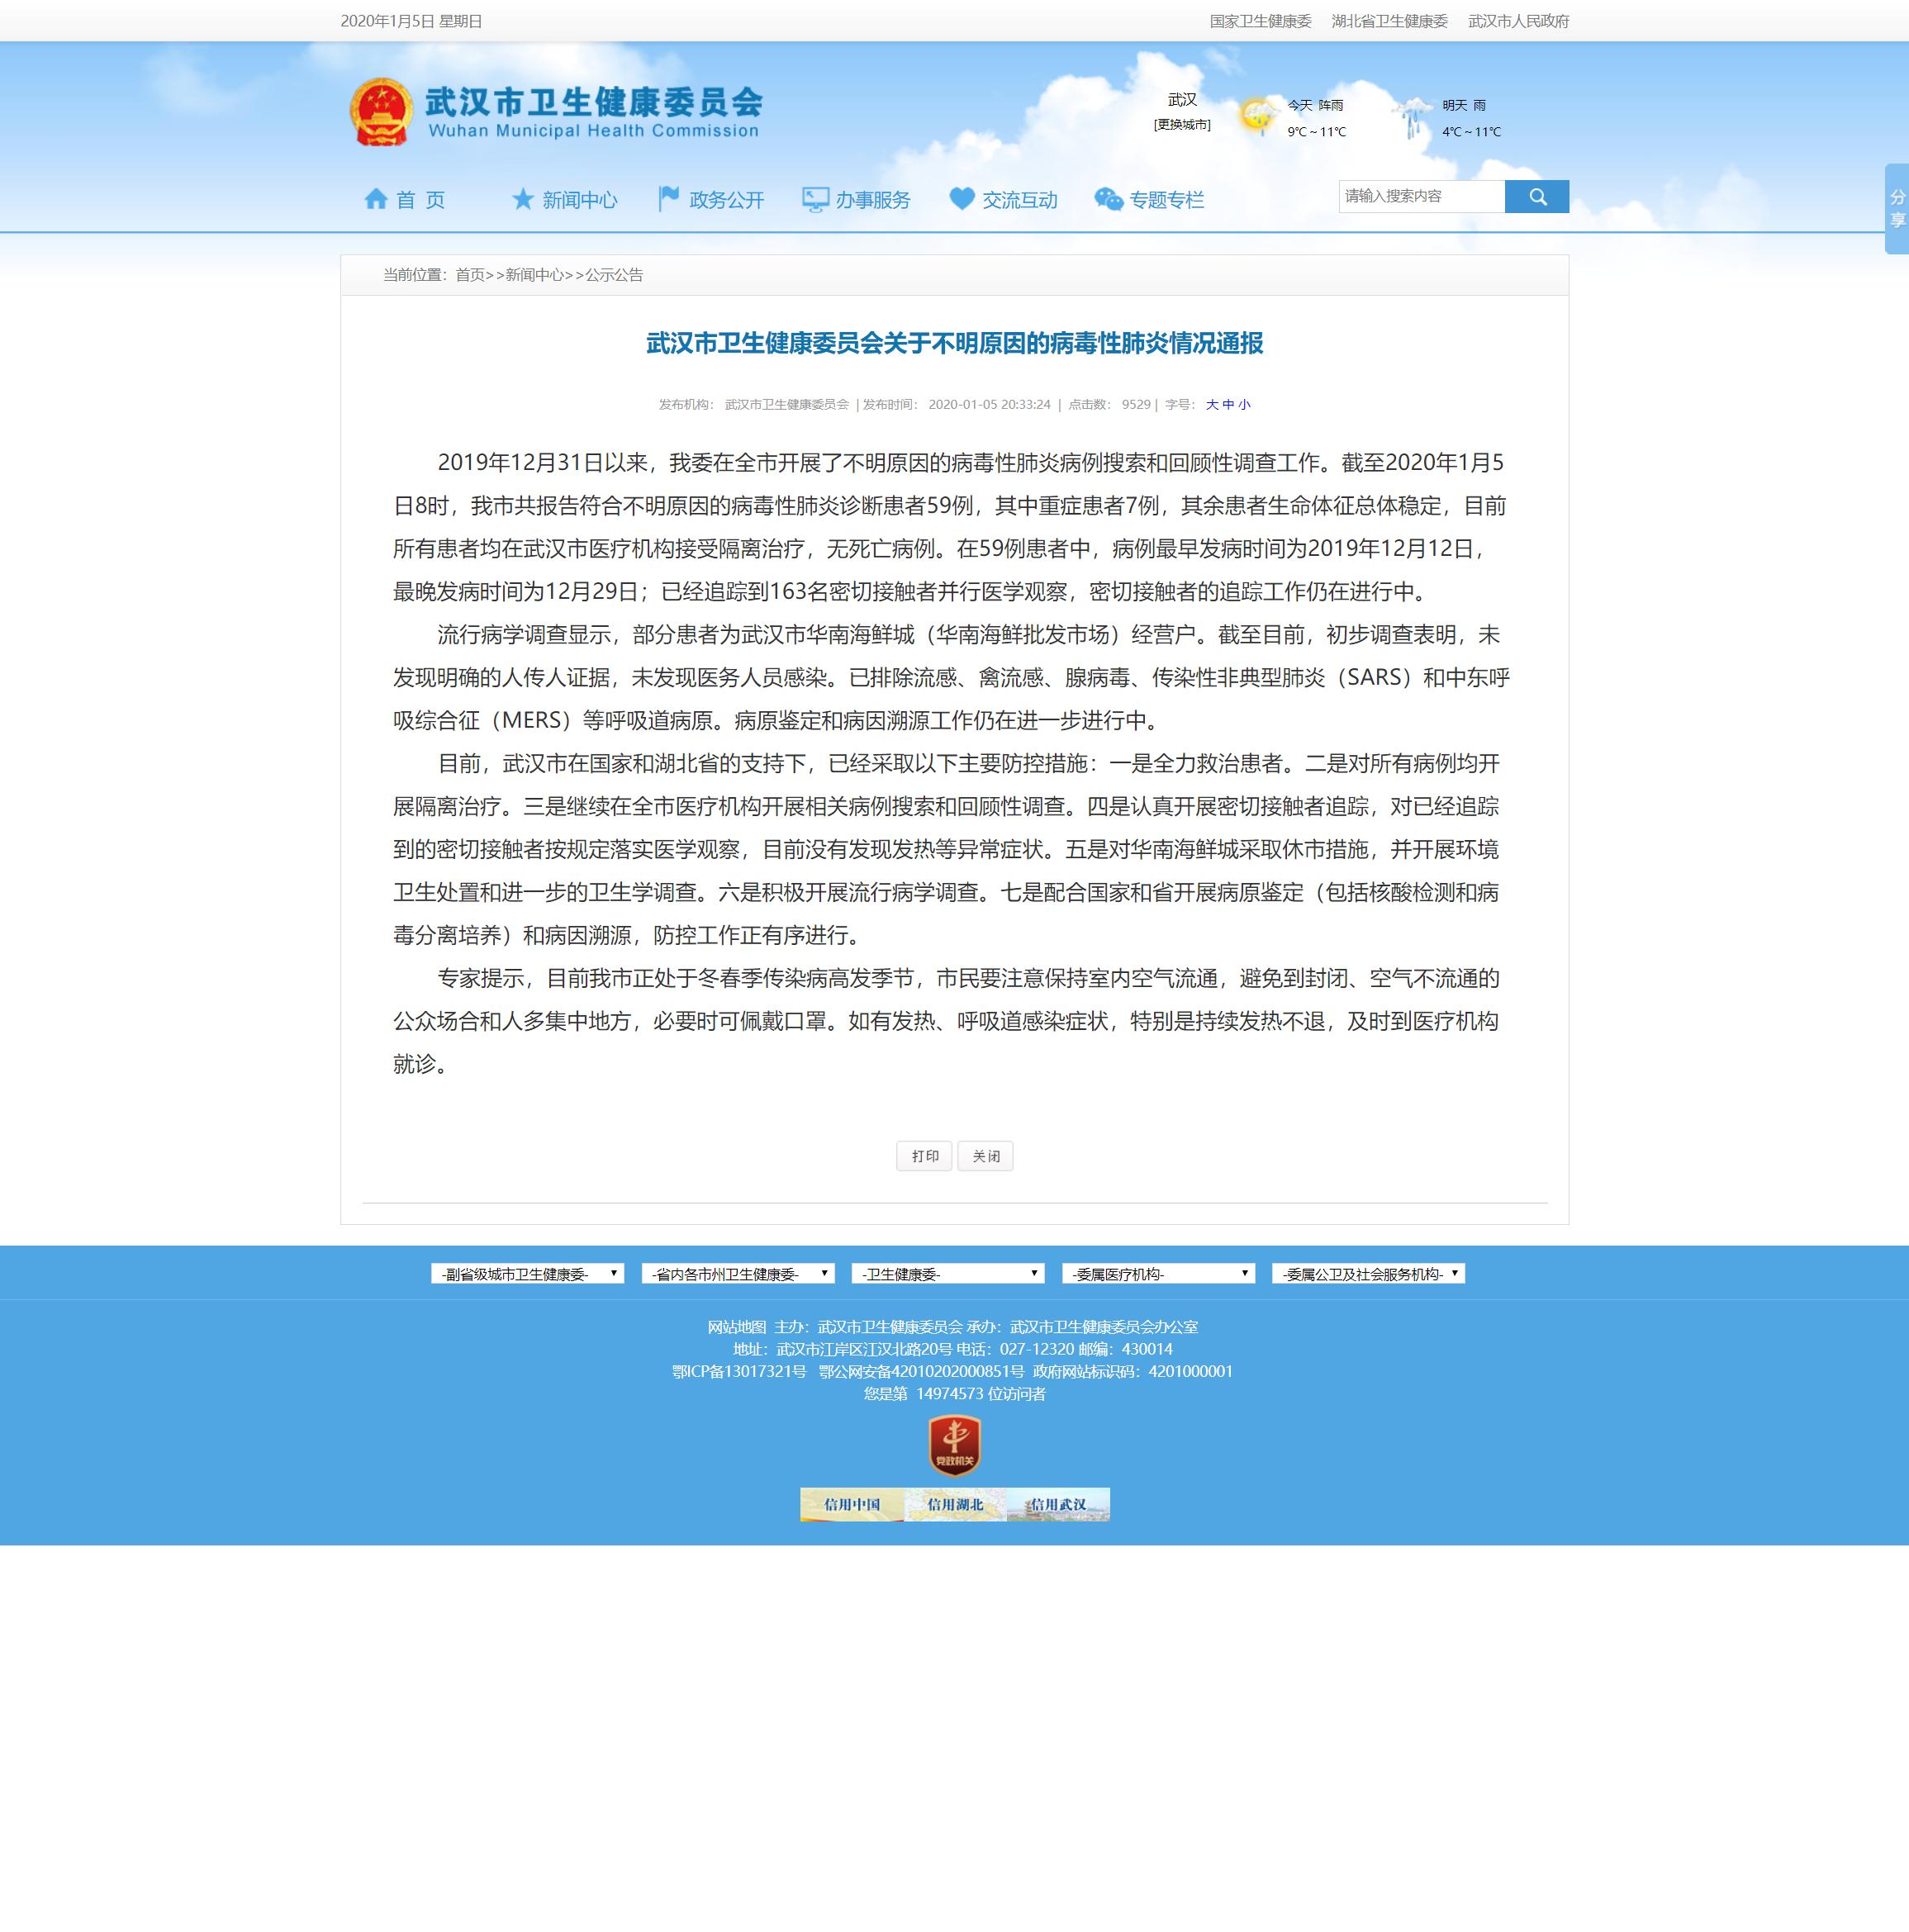 武汉卫健委通报:#武汉不明原因肺炎排除SARS病原#